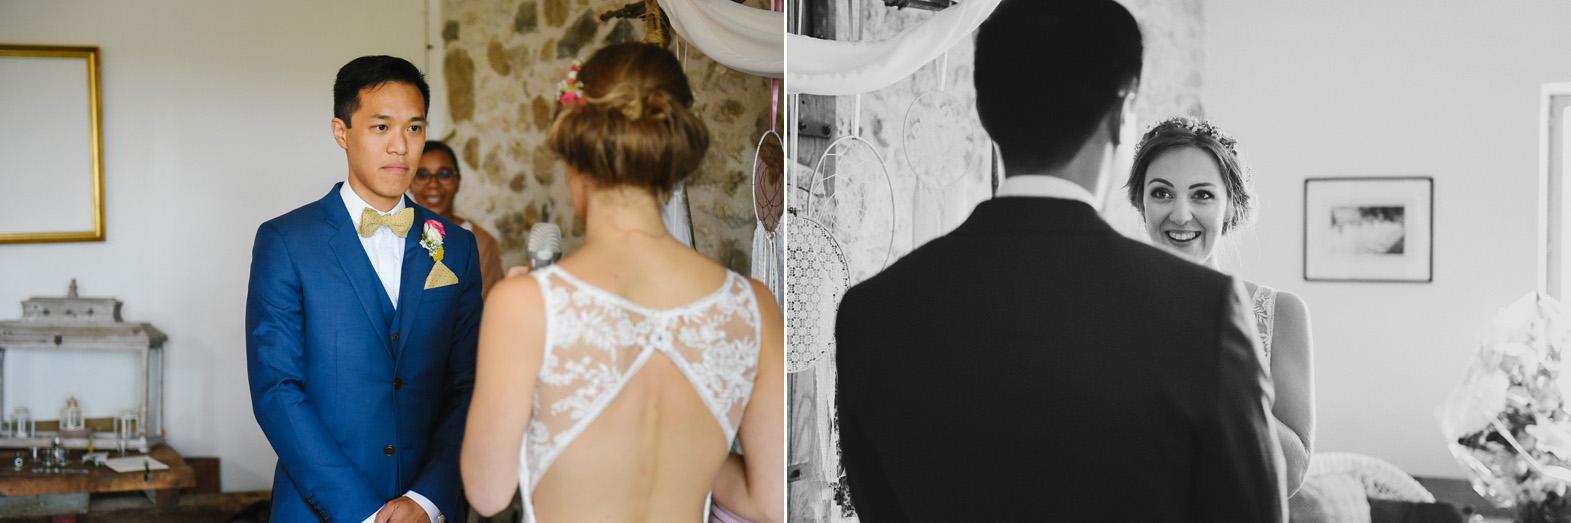 mariage_LW_domaine de la Pepiniere_seine-et-marne_77_photographie_clemence_dubois MEP22